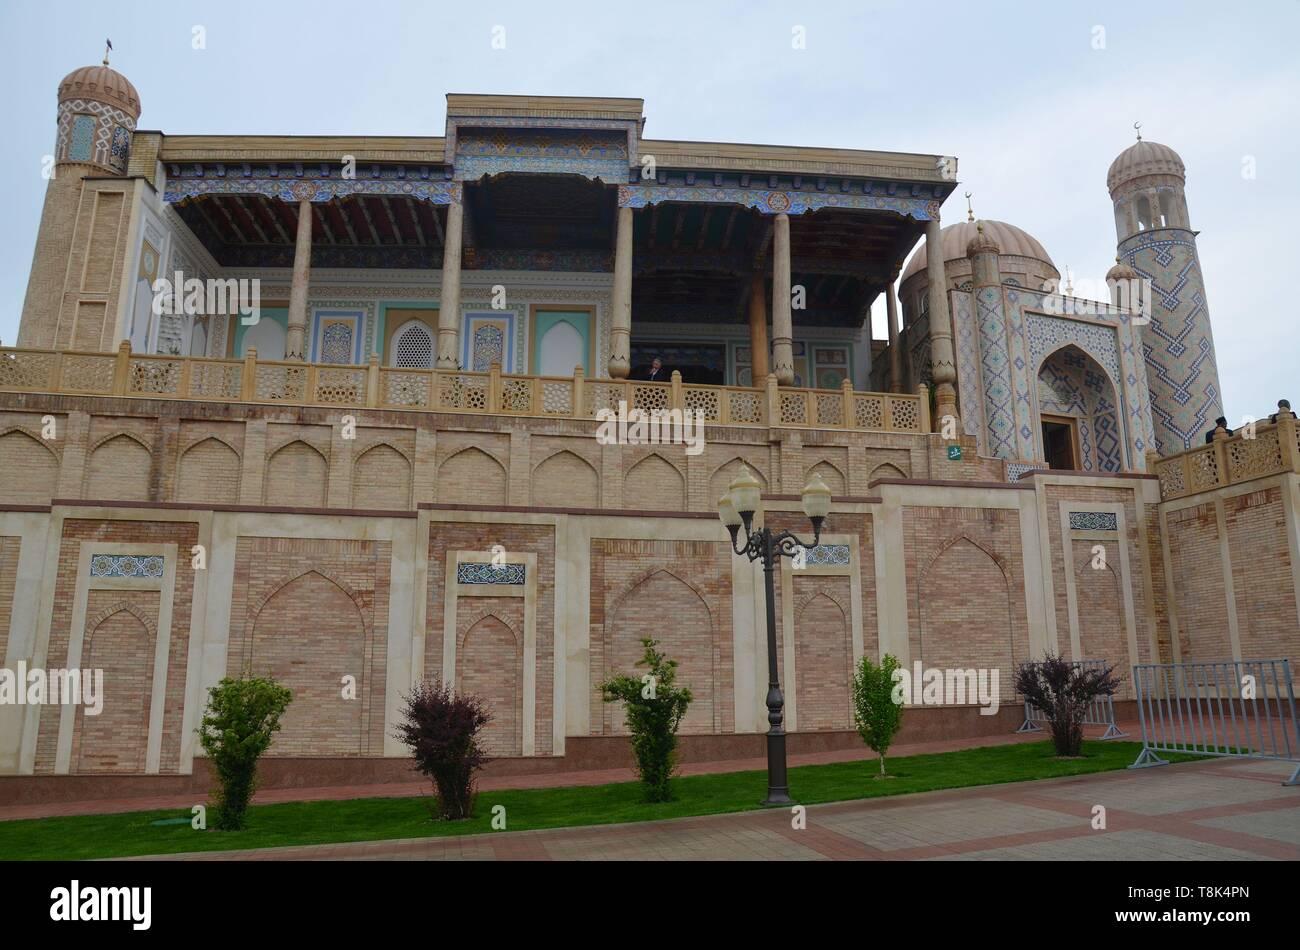 Samarkand, UNESCO Weltkulturerbe in Usbekistan: die Hasret Hisr Moschee Stock Photo